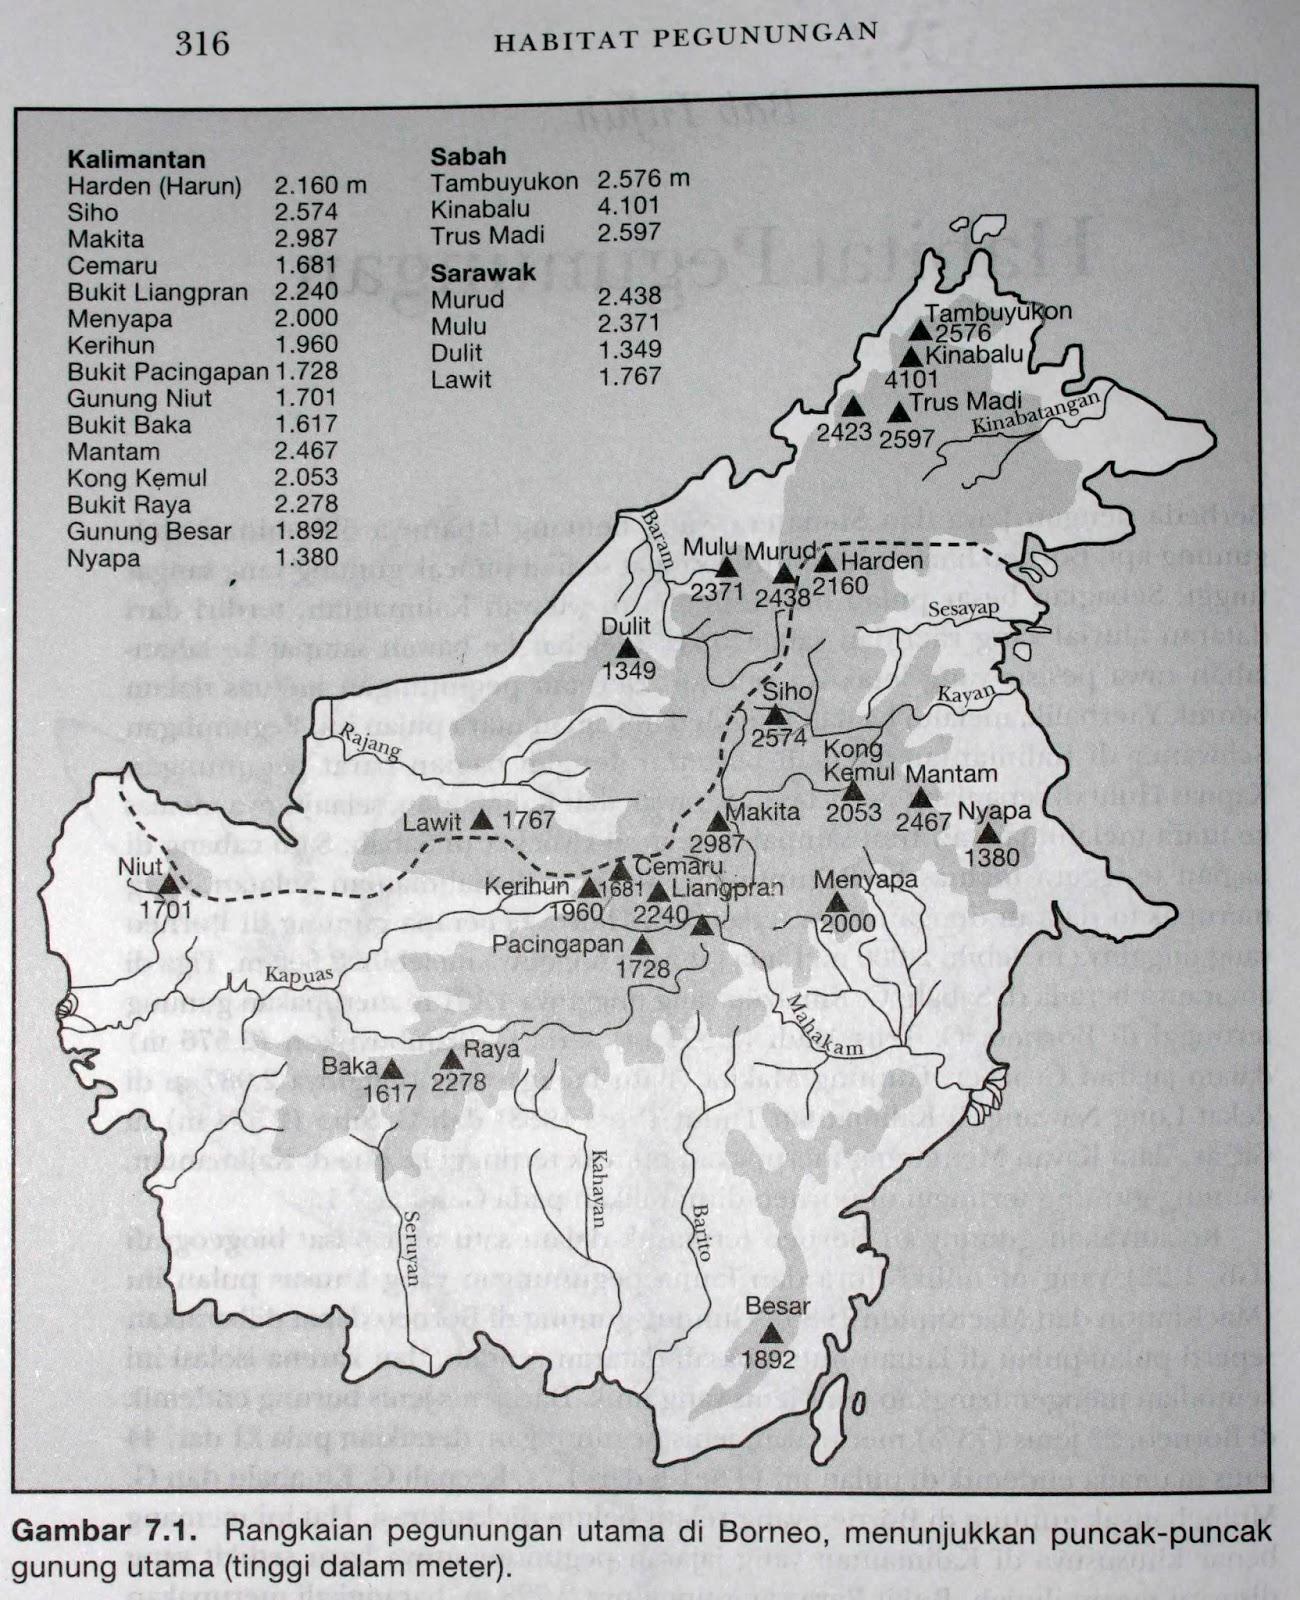 Peta Kalimantan Hitam Putih : kalimantan, hitam, putih, Gunung, Makita, Puncak, Pulau, Kalimantan, BorneoScape